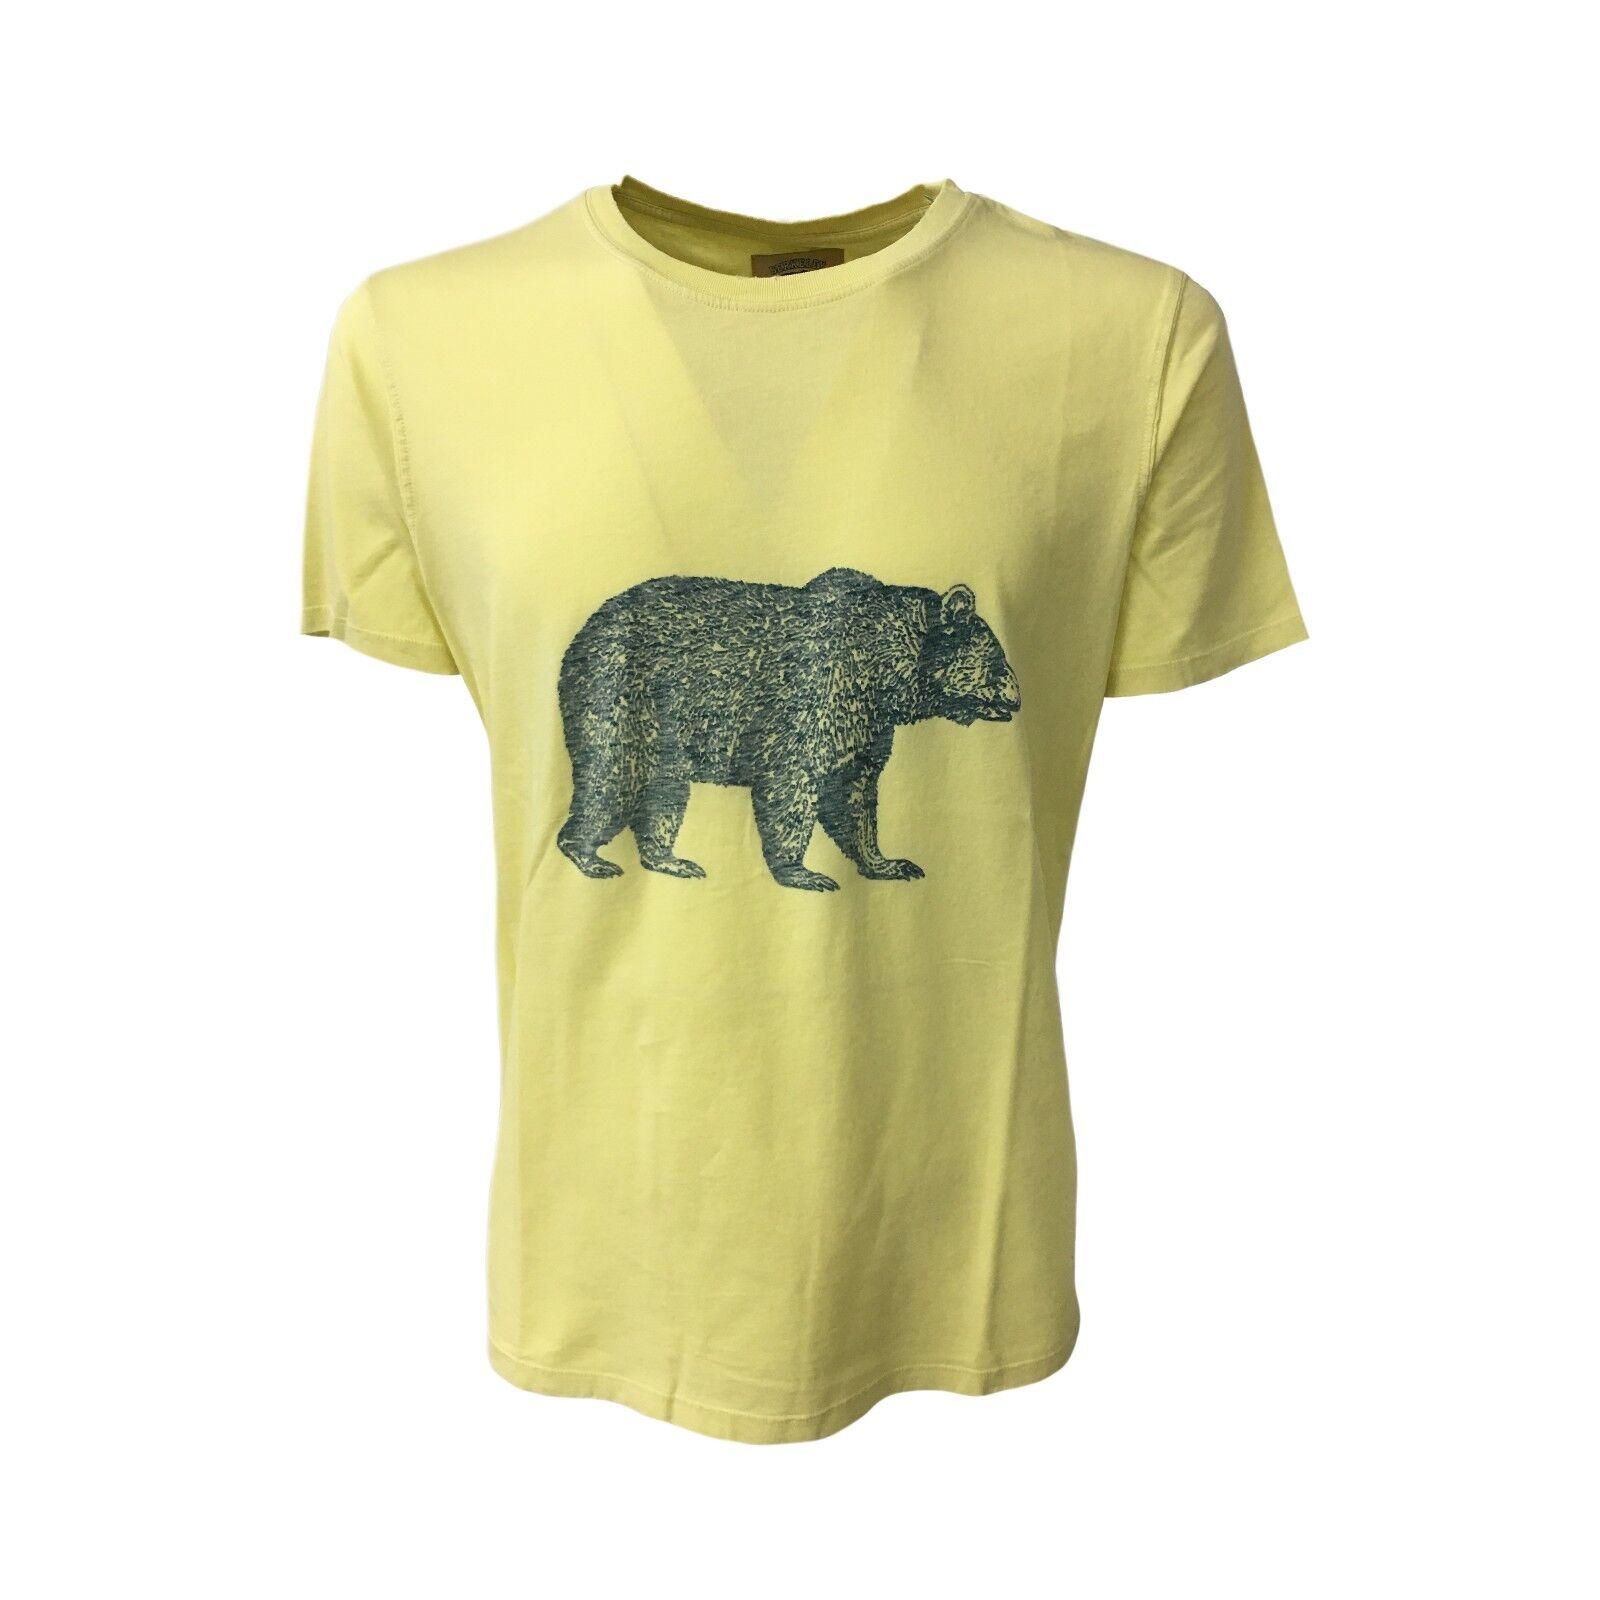 VINTAGE 55 T-Shirt mit kurzen Ärmeln gelb mod tragen 100% Baumwolle